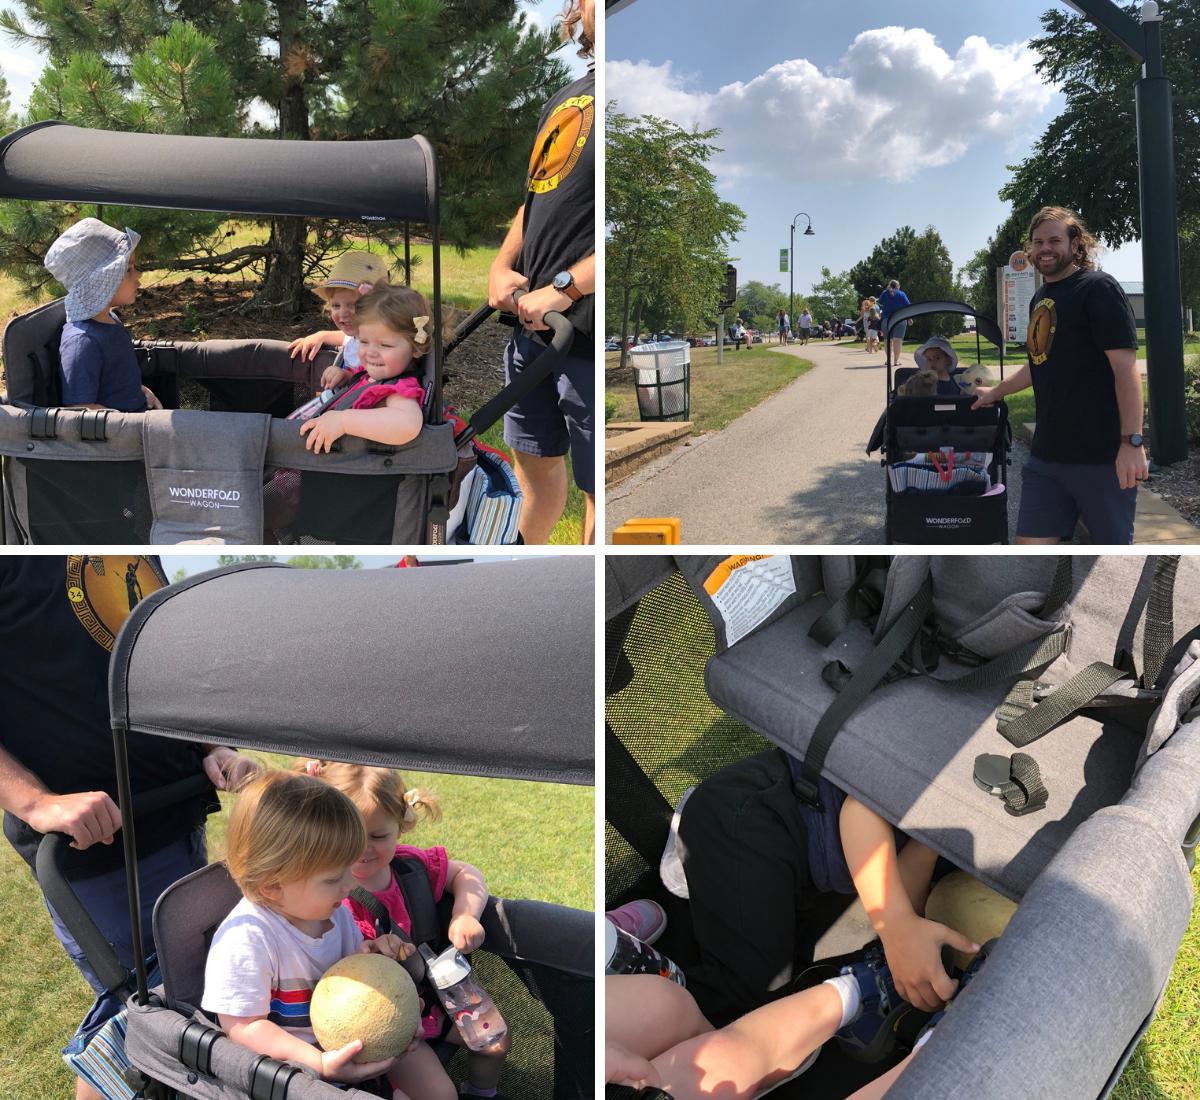 Kids in wagon stroller